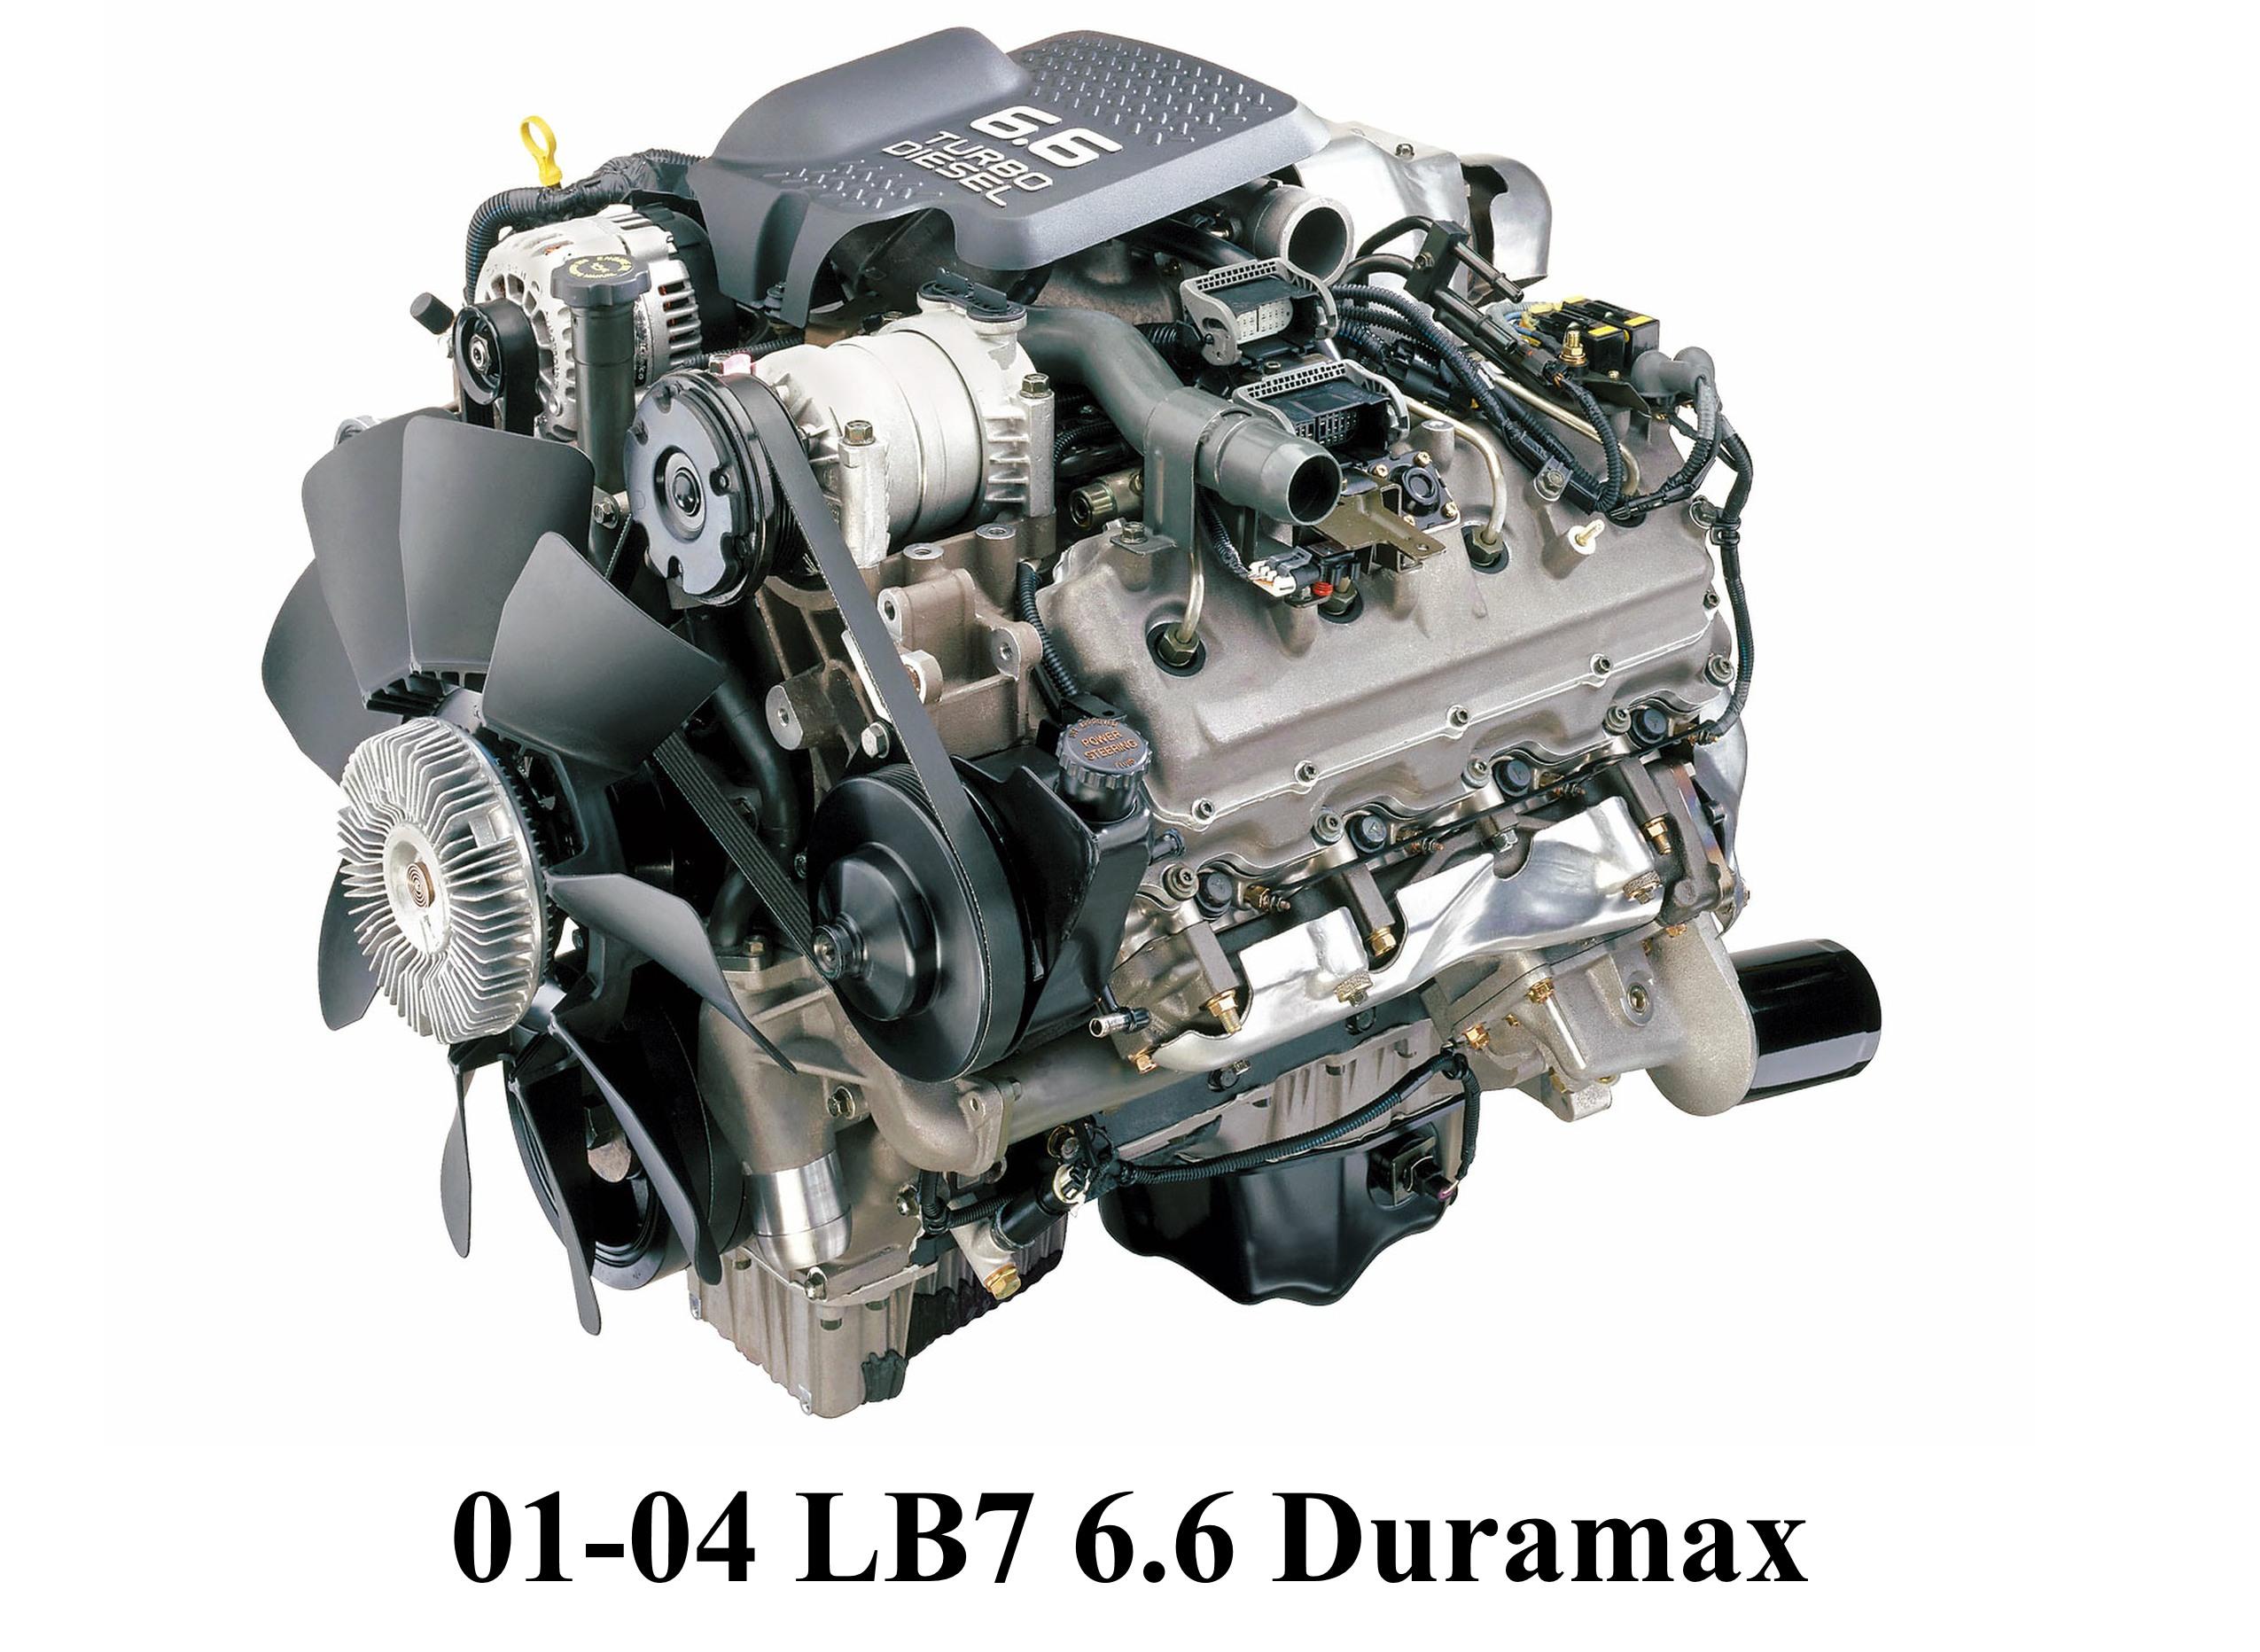 medium resolution of lb7 duramax jpg